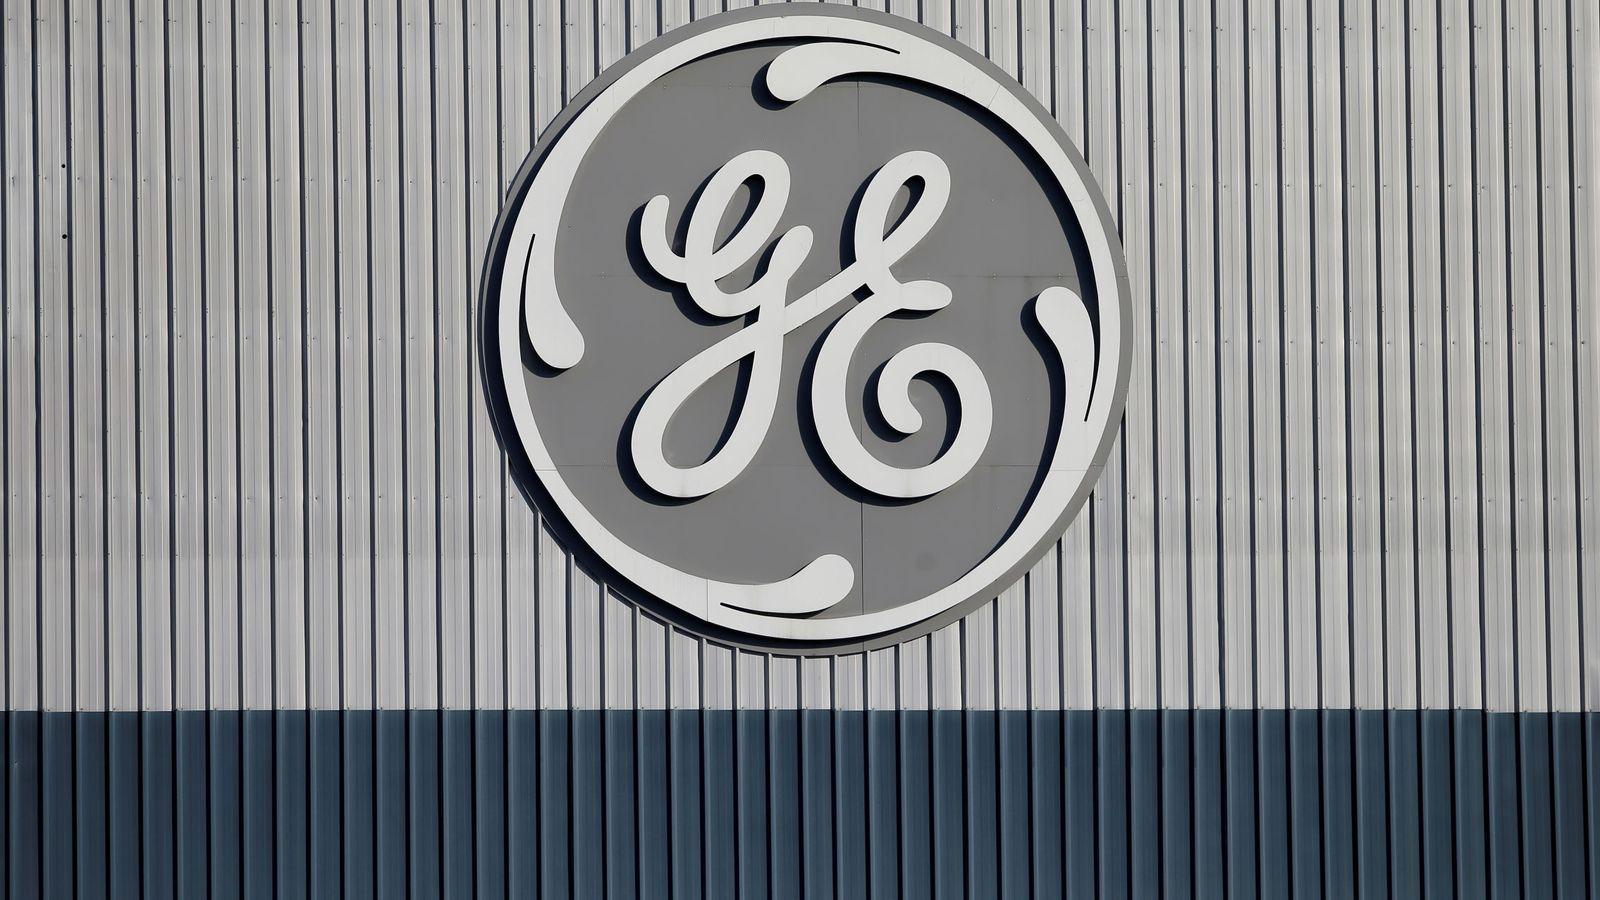 Foto: General Electric cae en bolsa tras entrar en números rojos